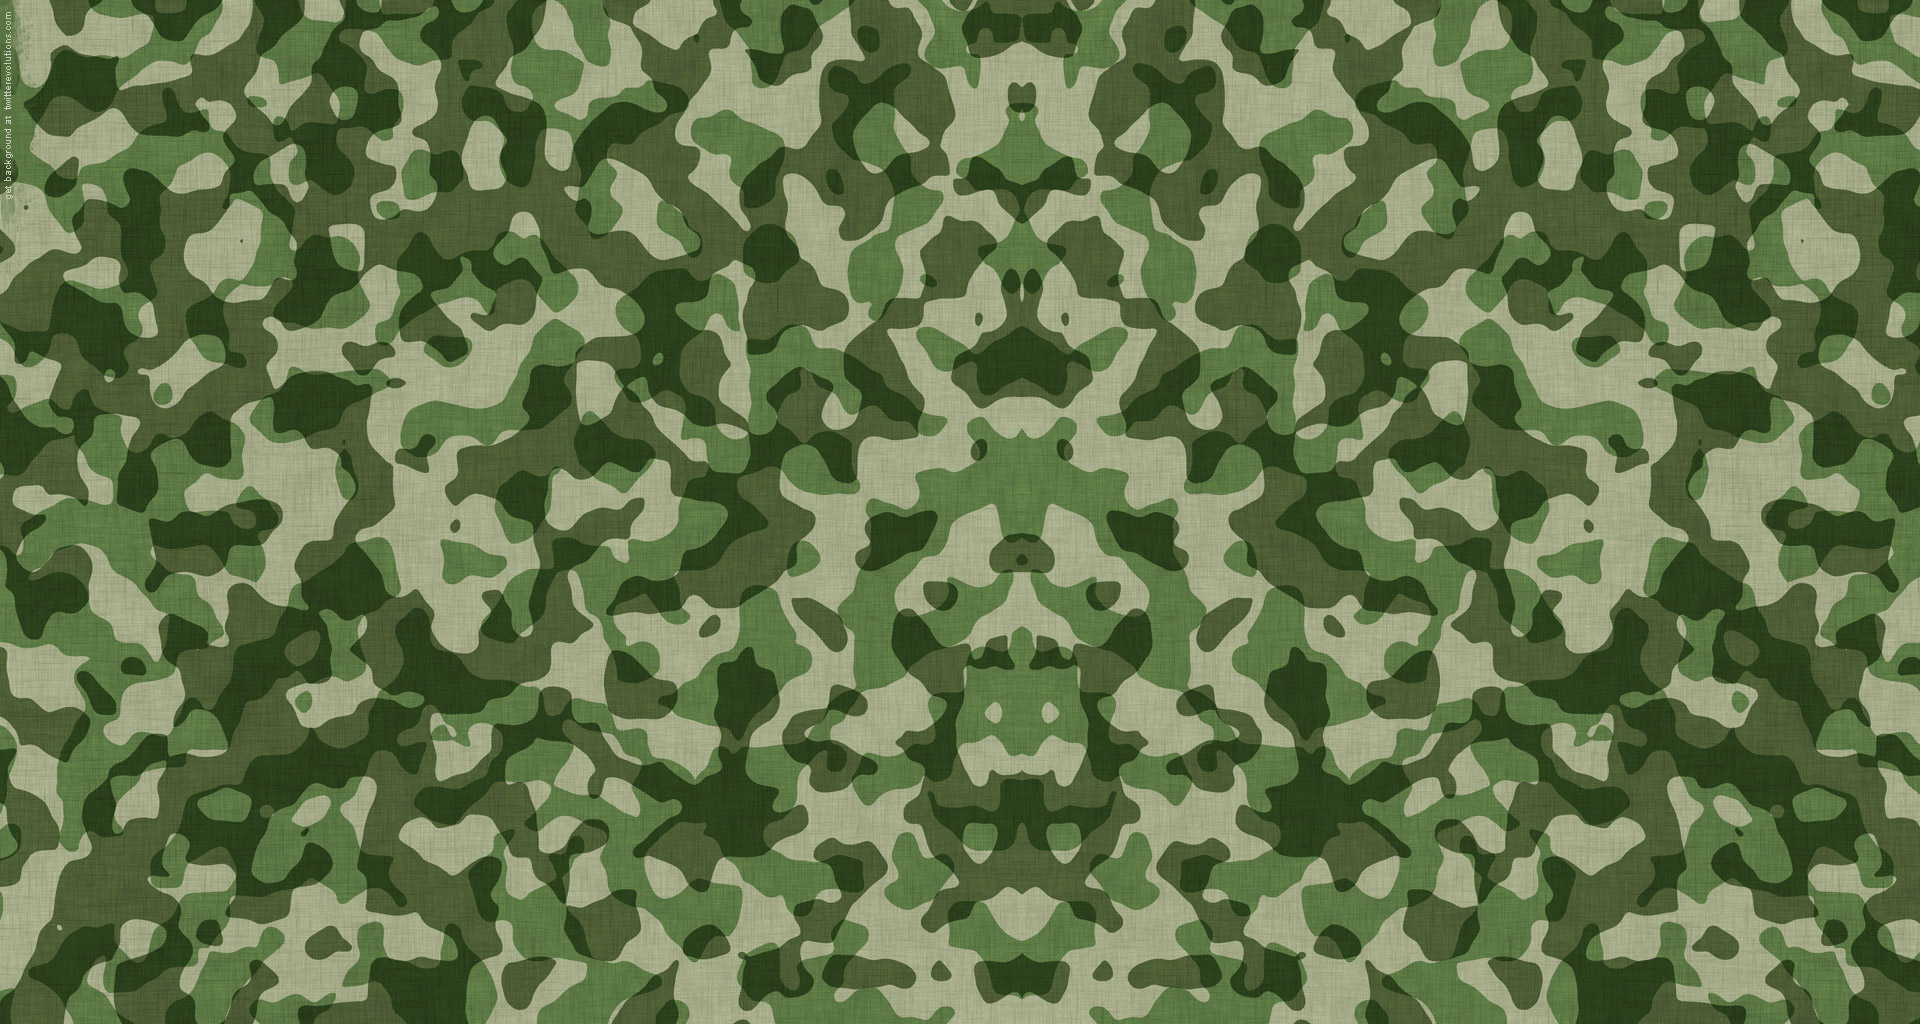 Hipster Fall Wallpaper Camo Hd Wallpapers Pixelstalk Net